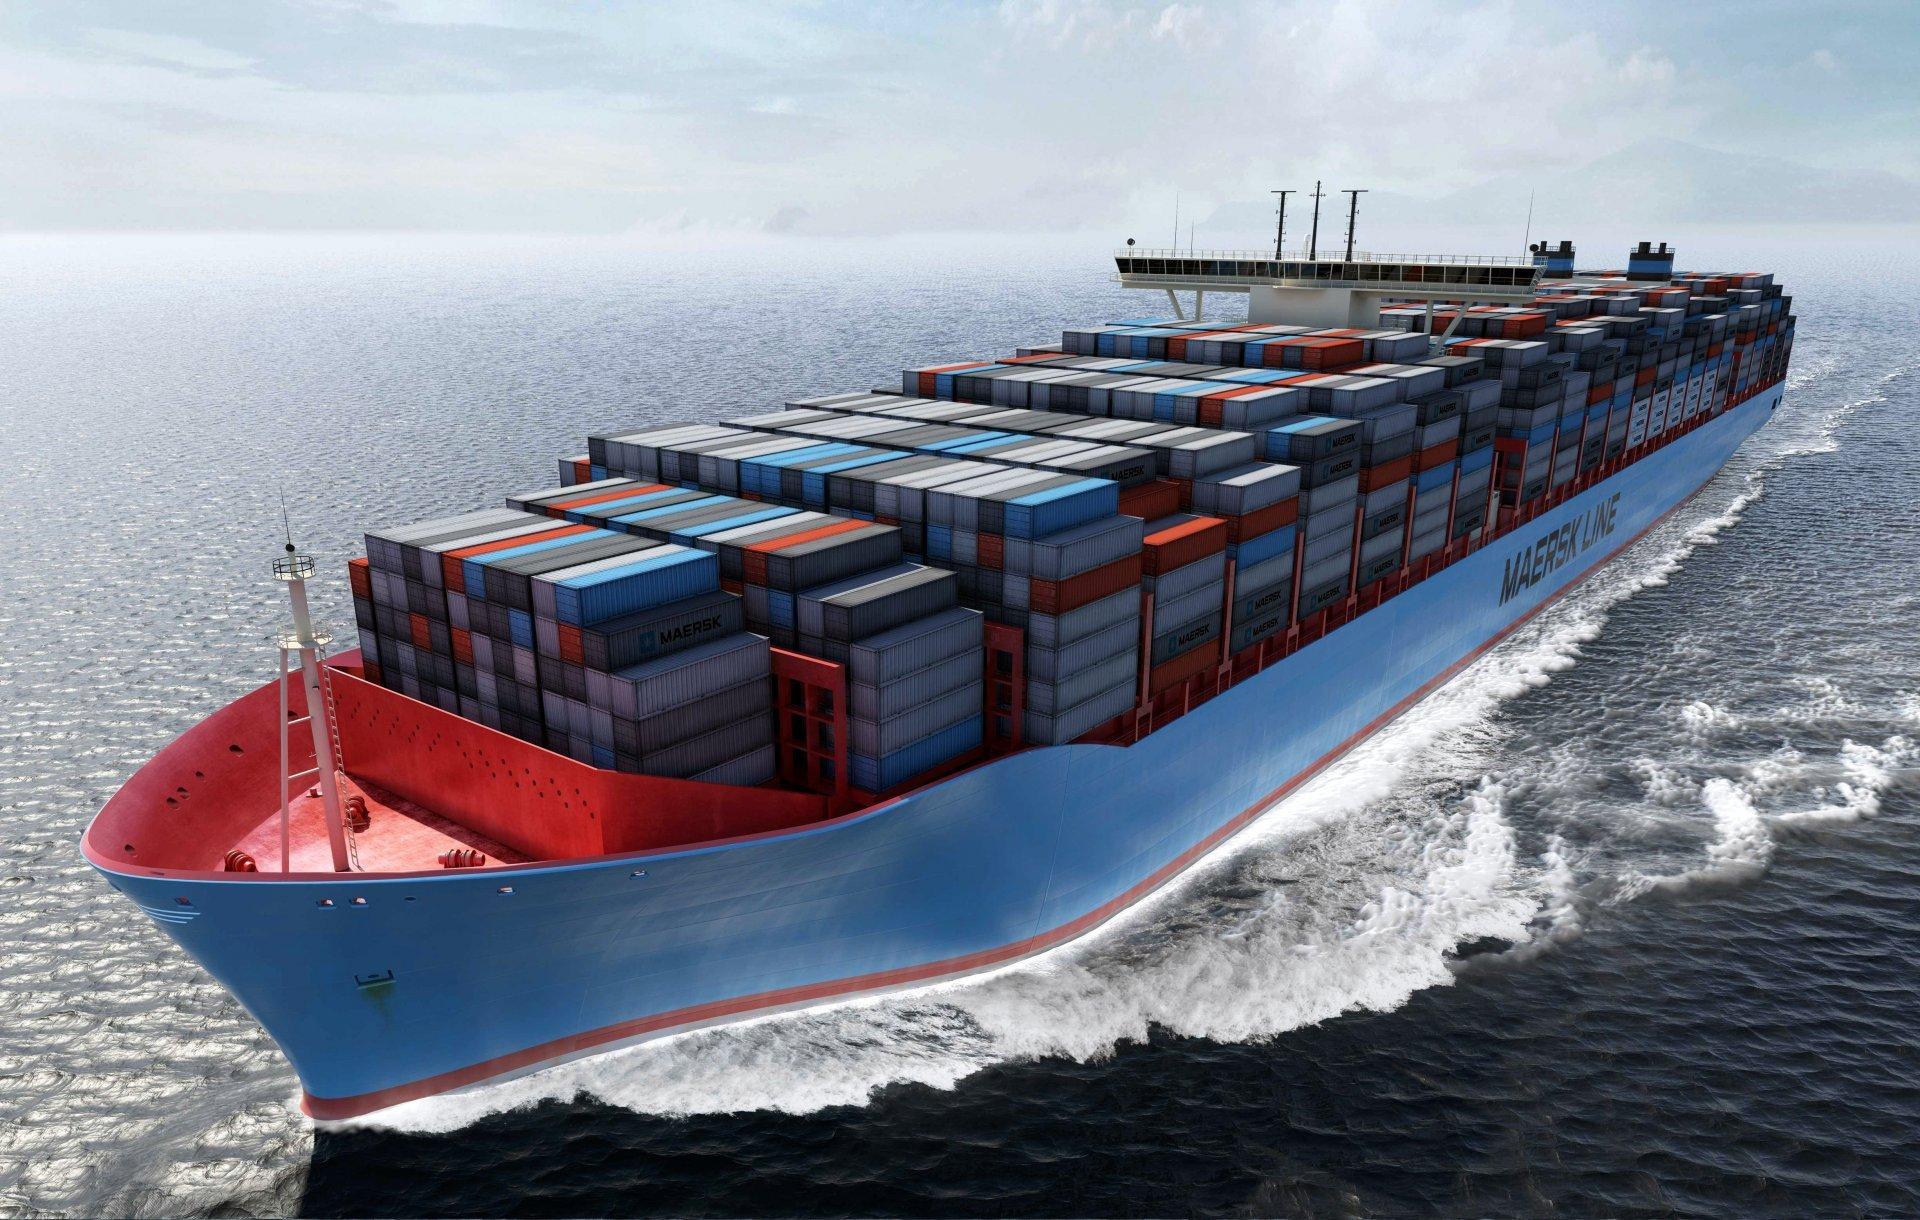 صادرات و واردات کالا(پوشاک،ماشین آلات...)، پروفورما